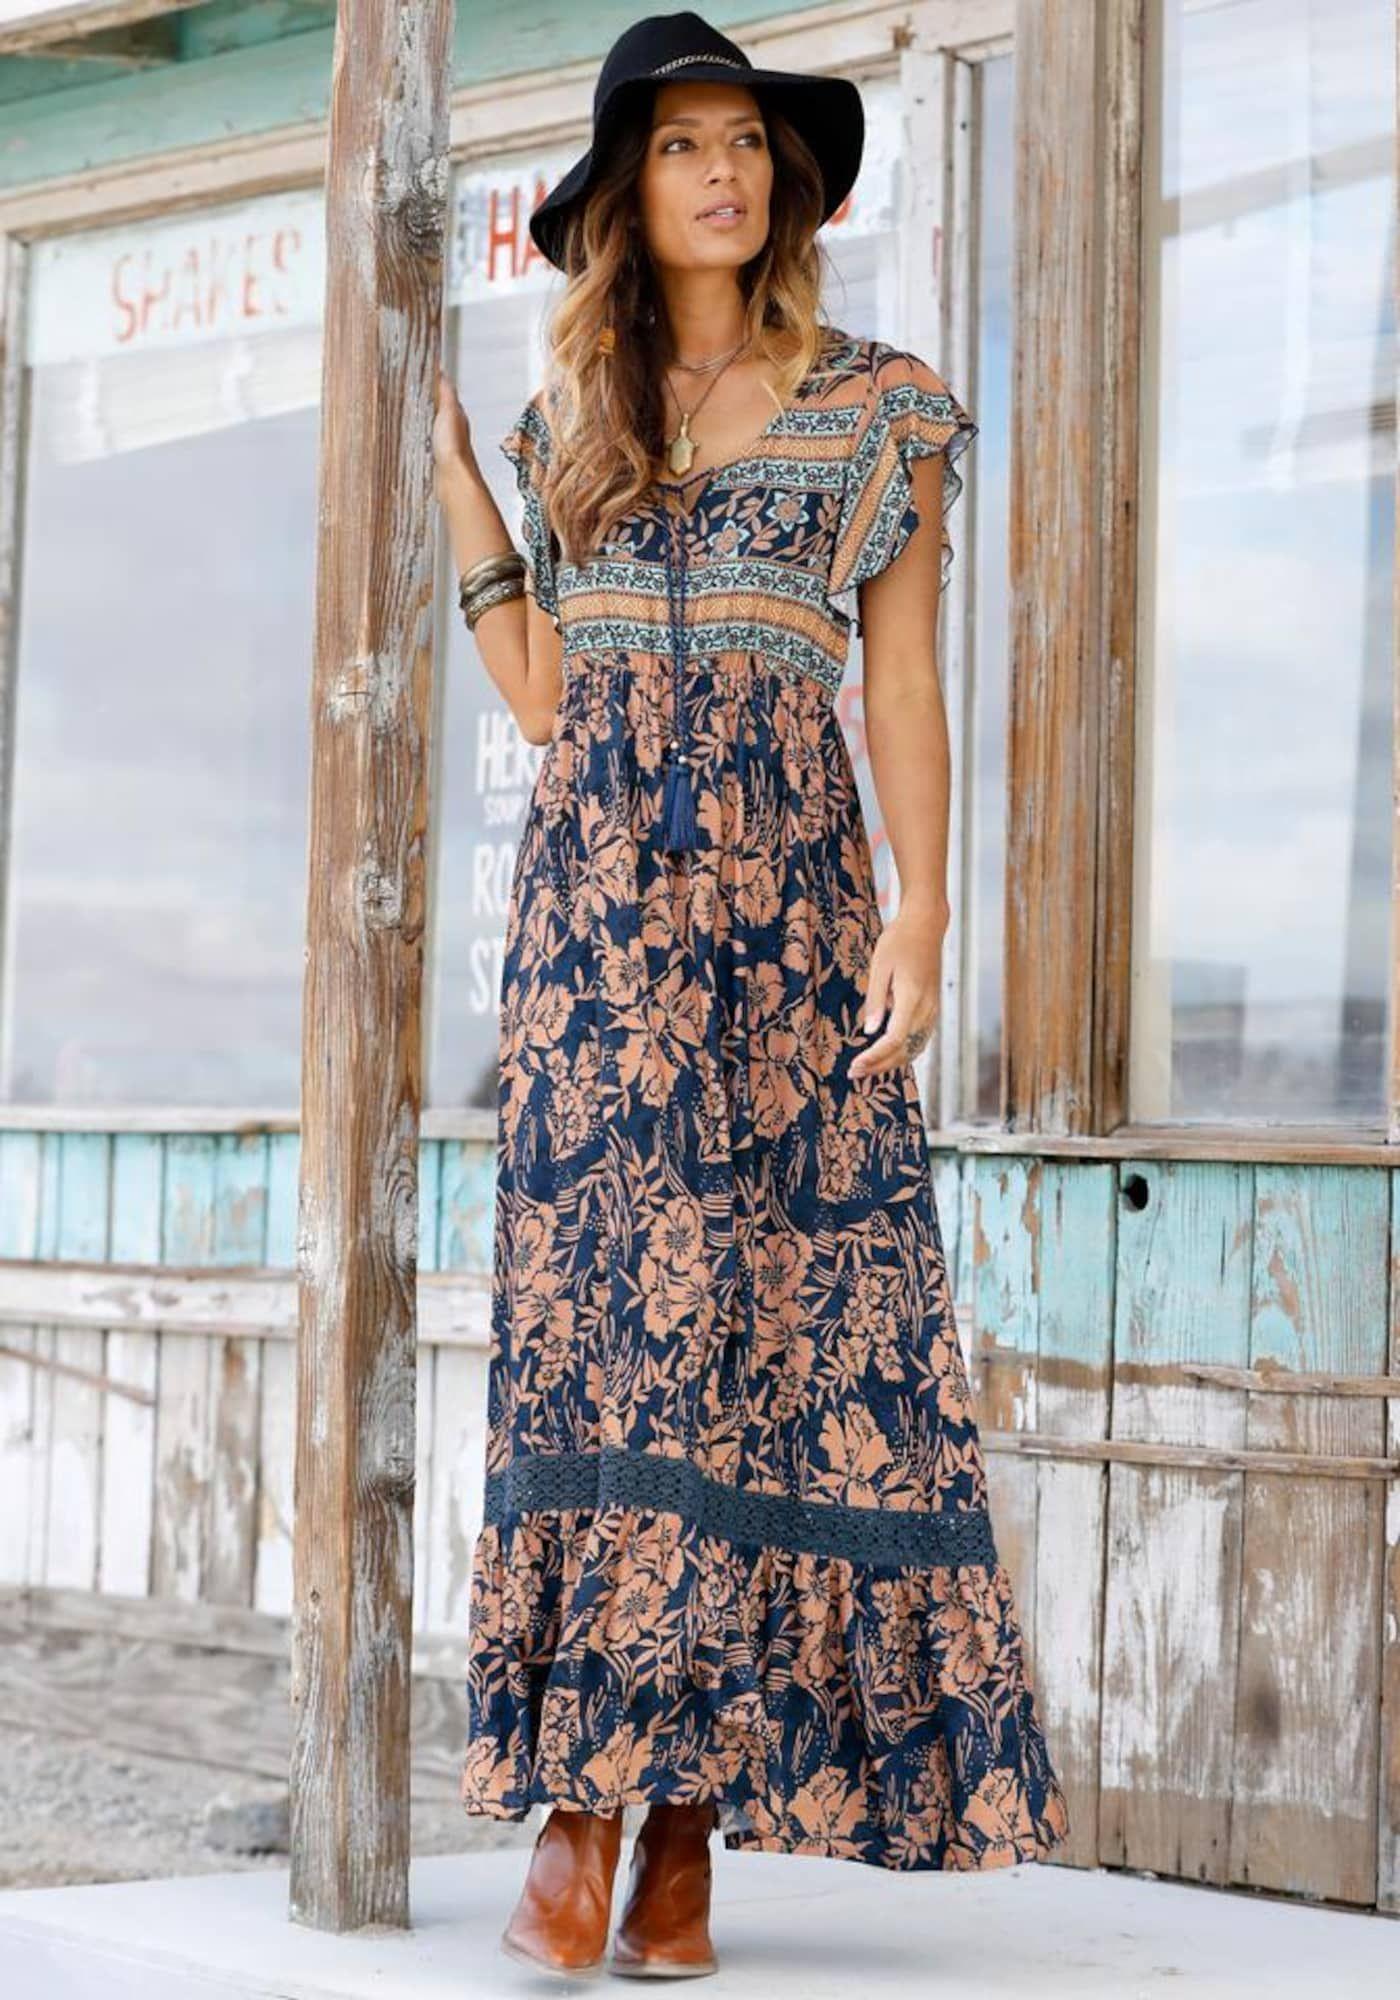 10 Spektakulär Sommerkleider Größe 44 Stylish Elegant Sommerkleider Größe 44 Bester Preis